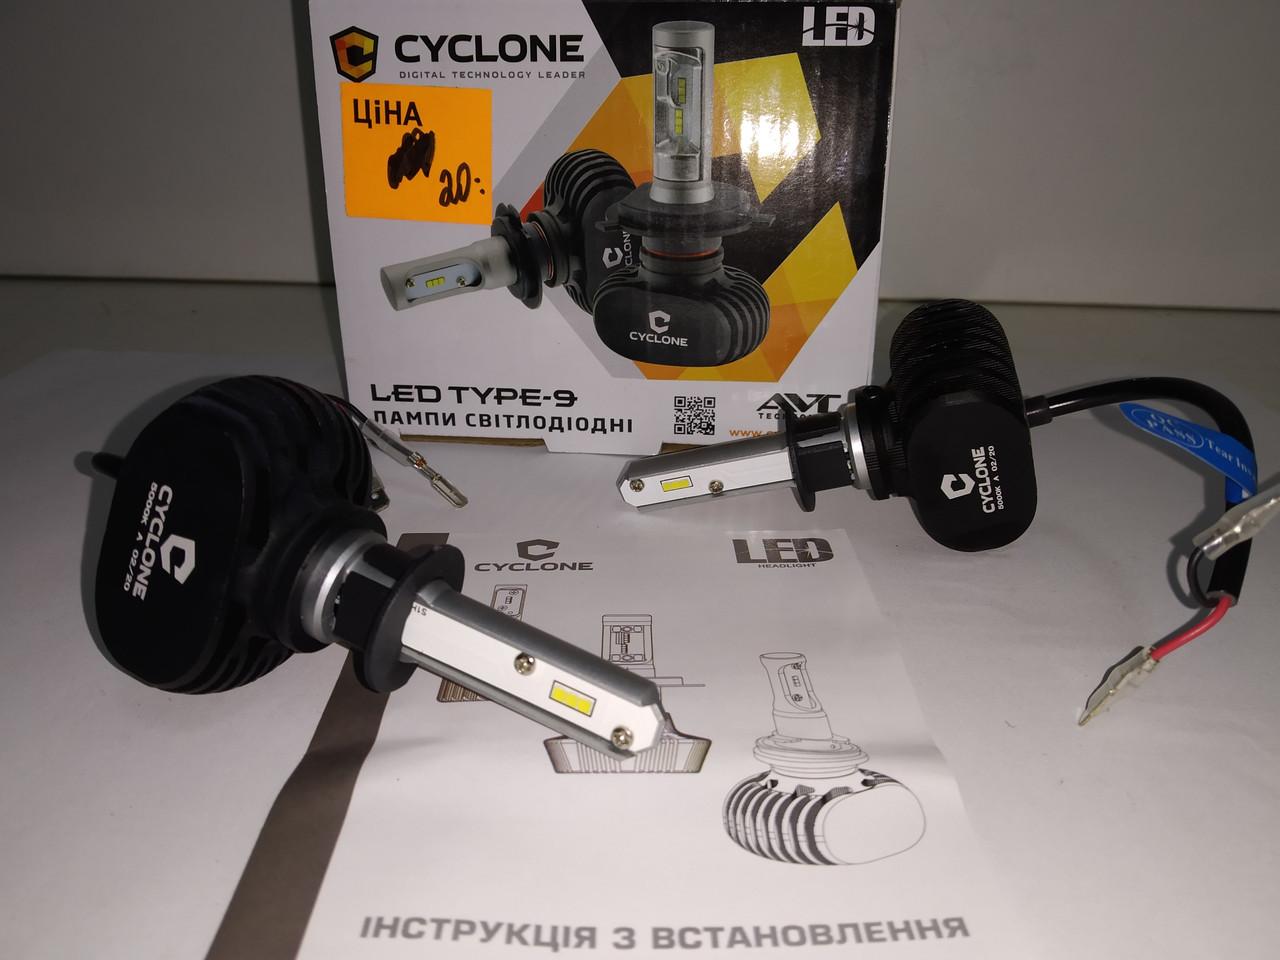 Світлодіодні лампи Cyclone LED H1 5000K 4000Lm type 9A